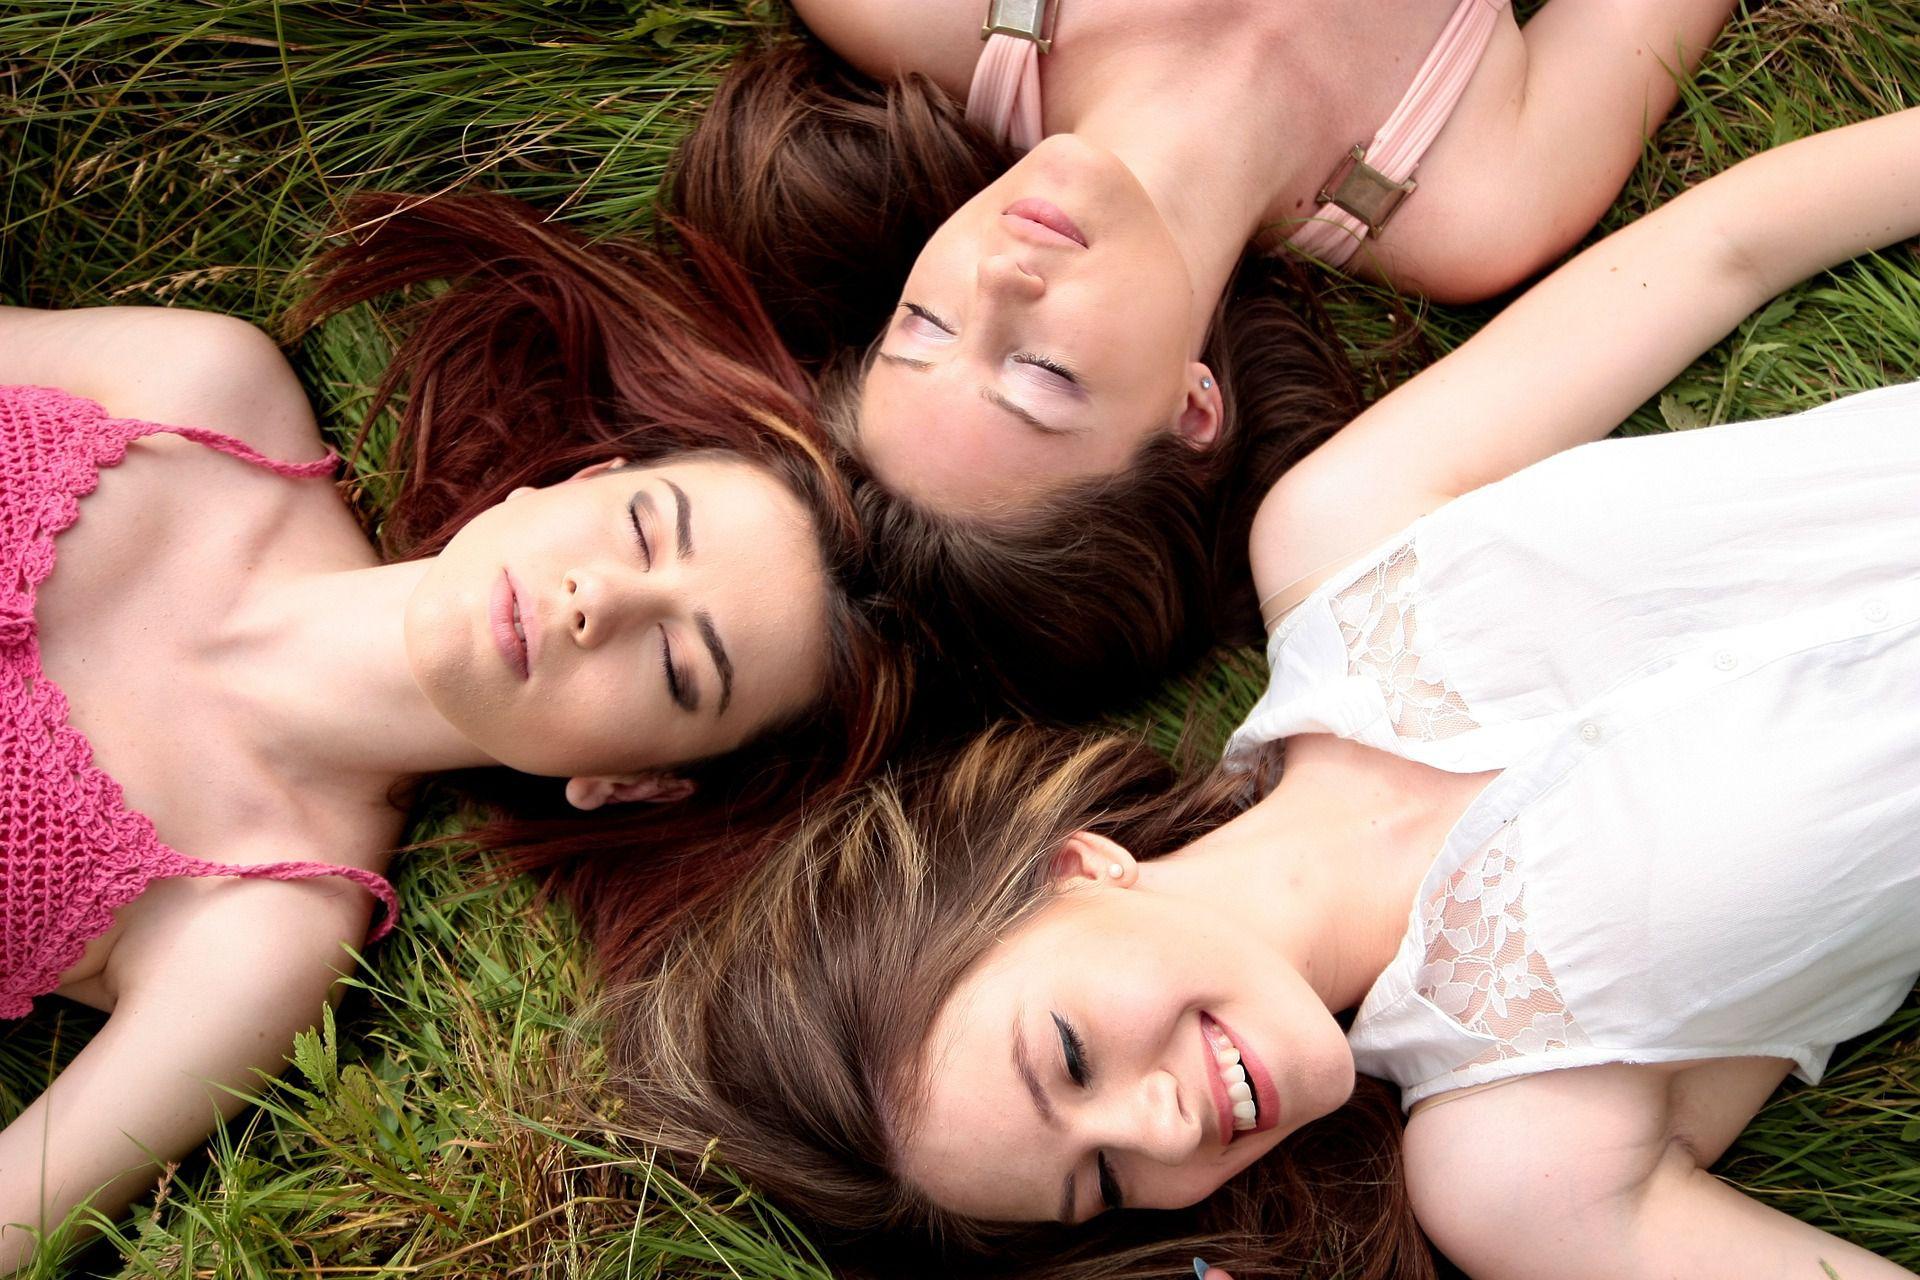 El apoyar a quien sufre cansancio, desgano o depresión a través de actividades de grupo o invitándolo a salir a los lugares que le causan alegría, son buen paleativo (Foto: Pixabay)